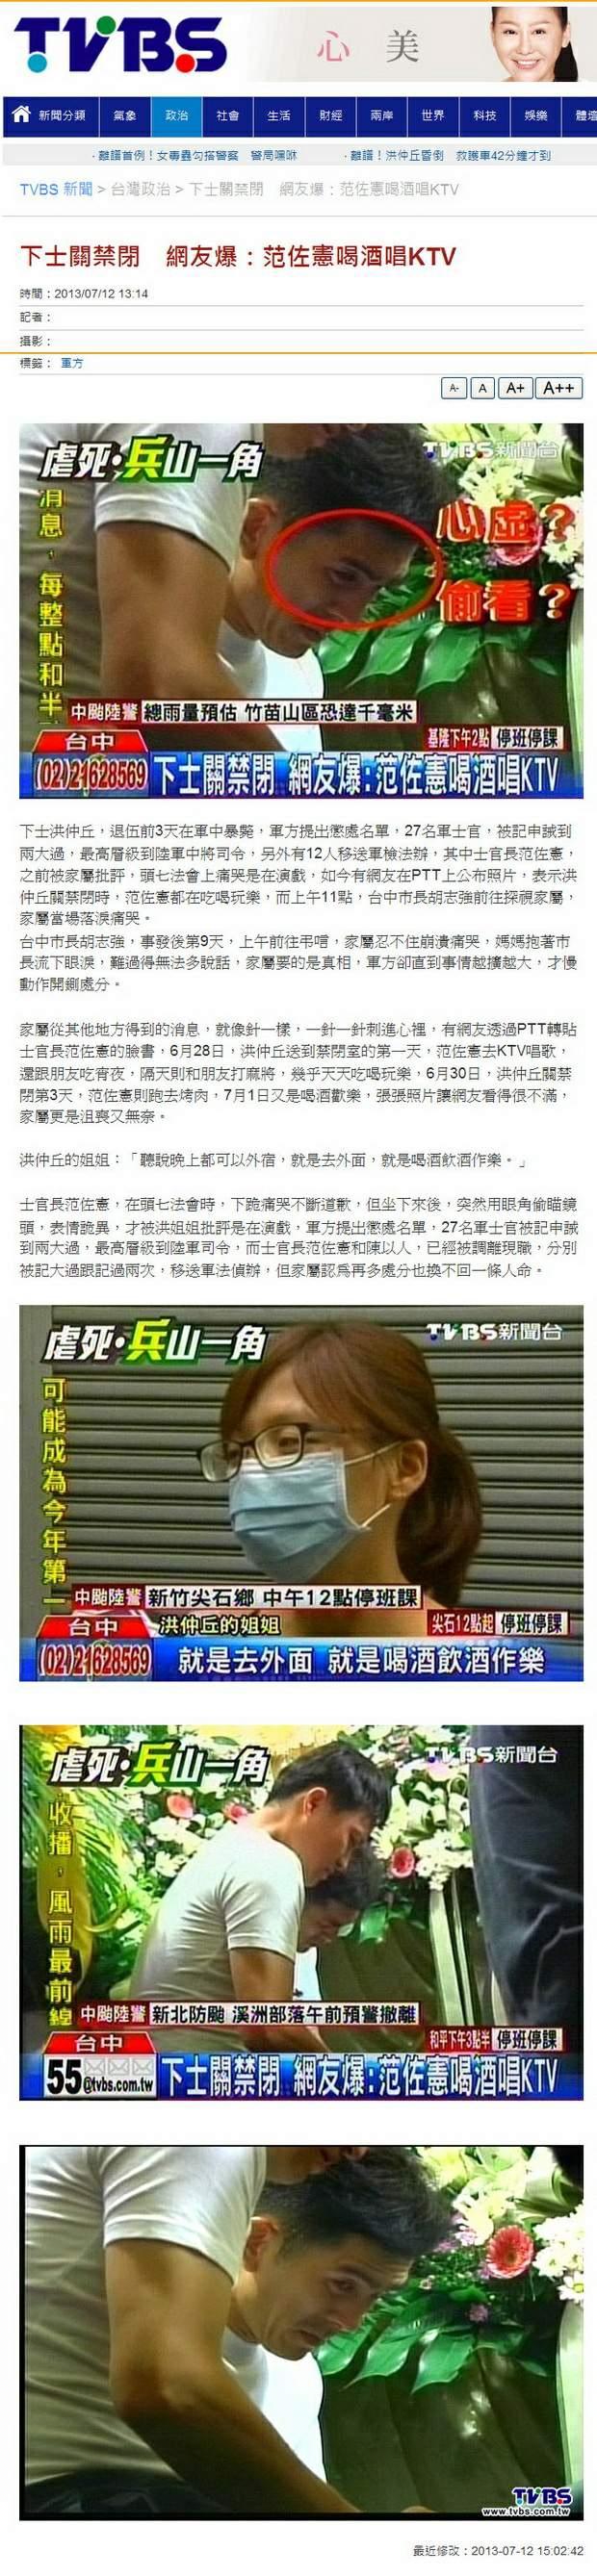 下士關禁閉 網友爆:范佐憲喝酒唱KTV-2013.07.12-01.jpg